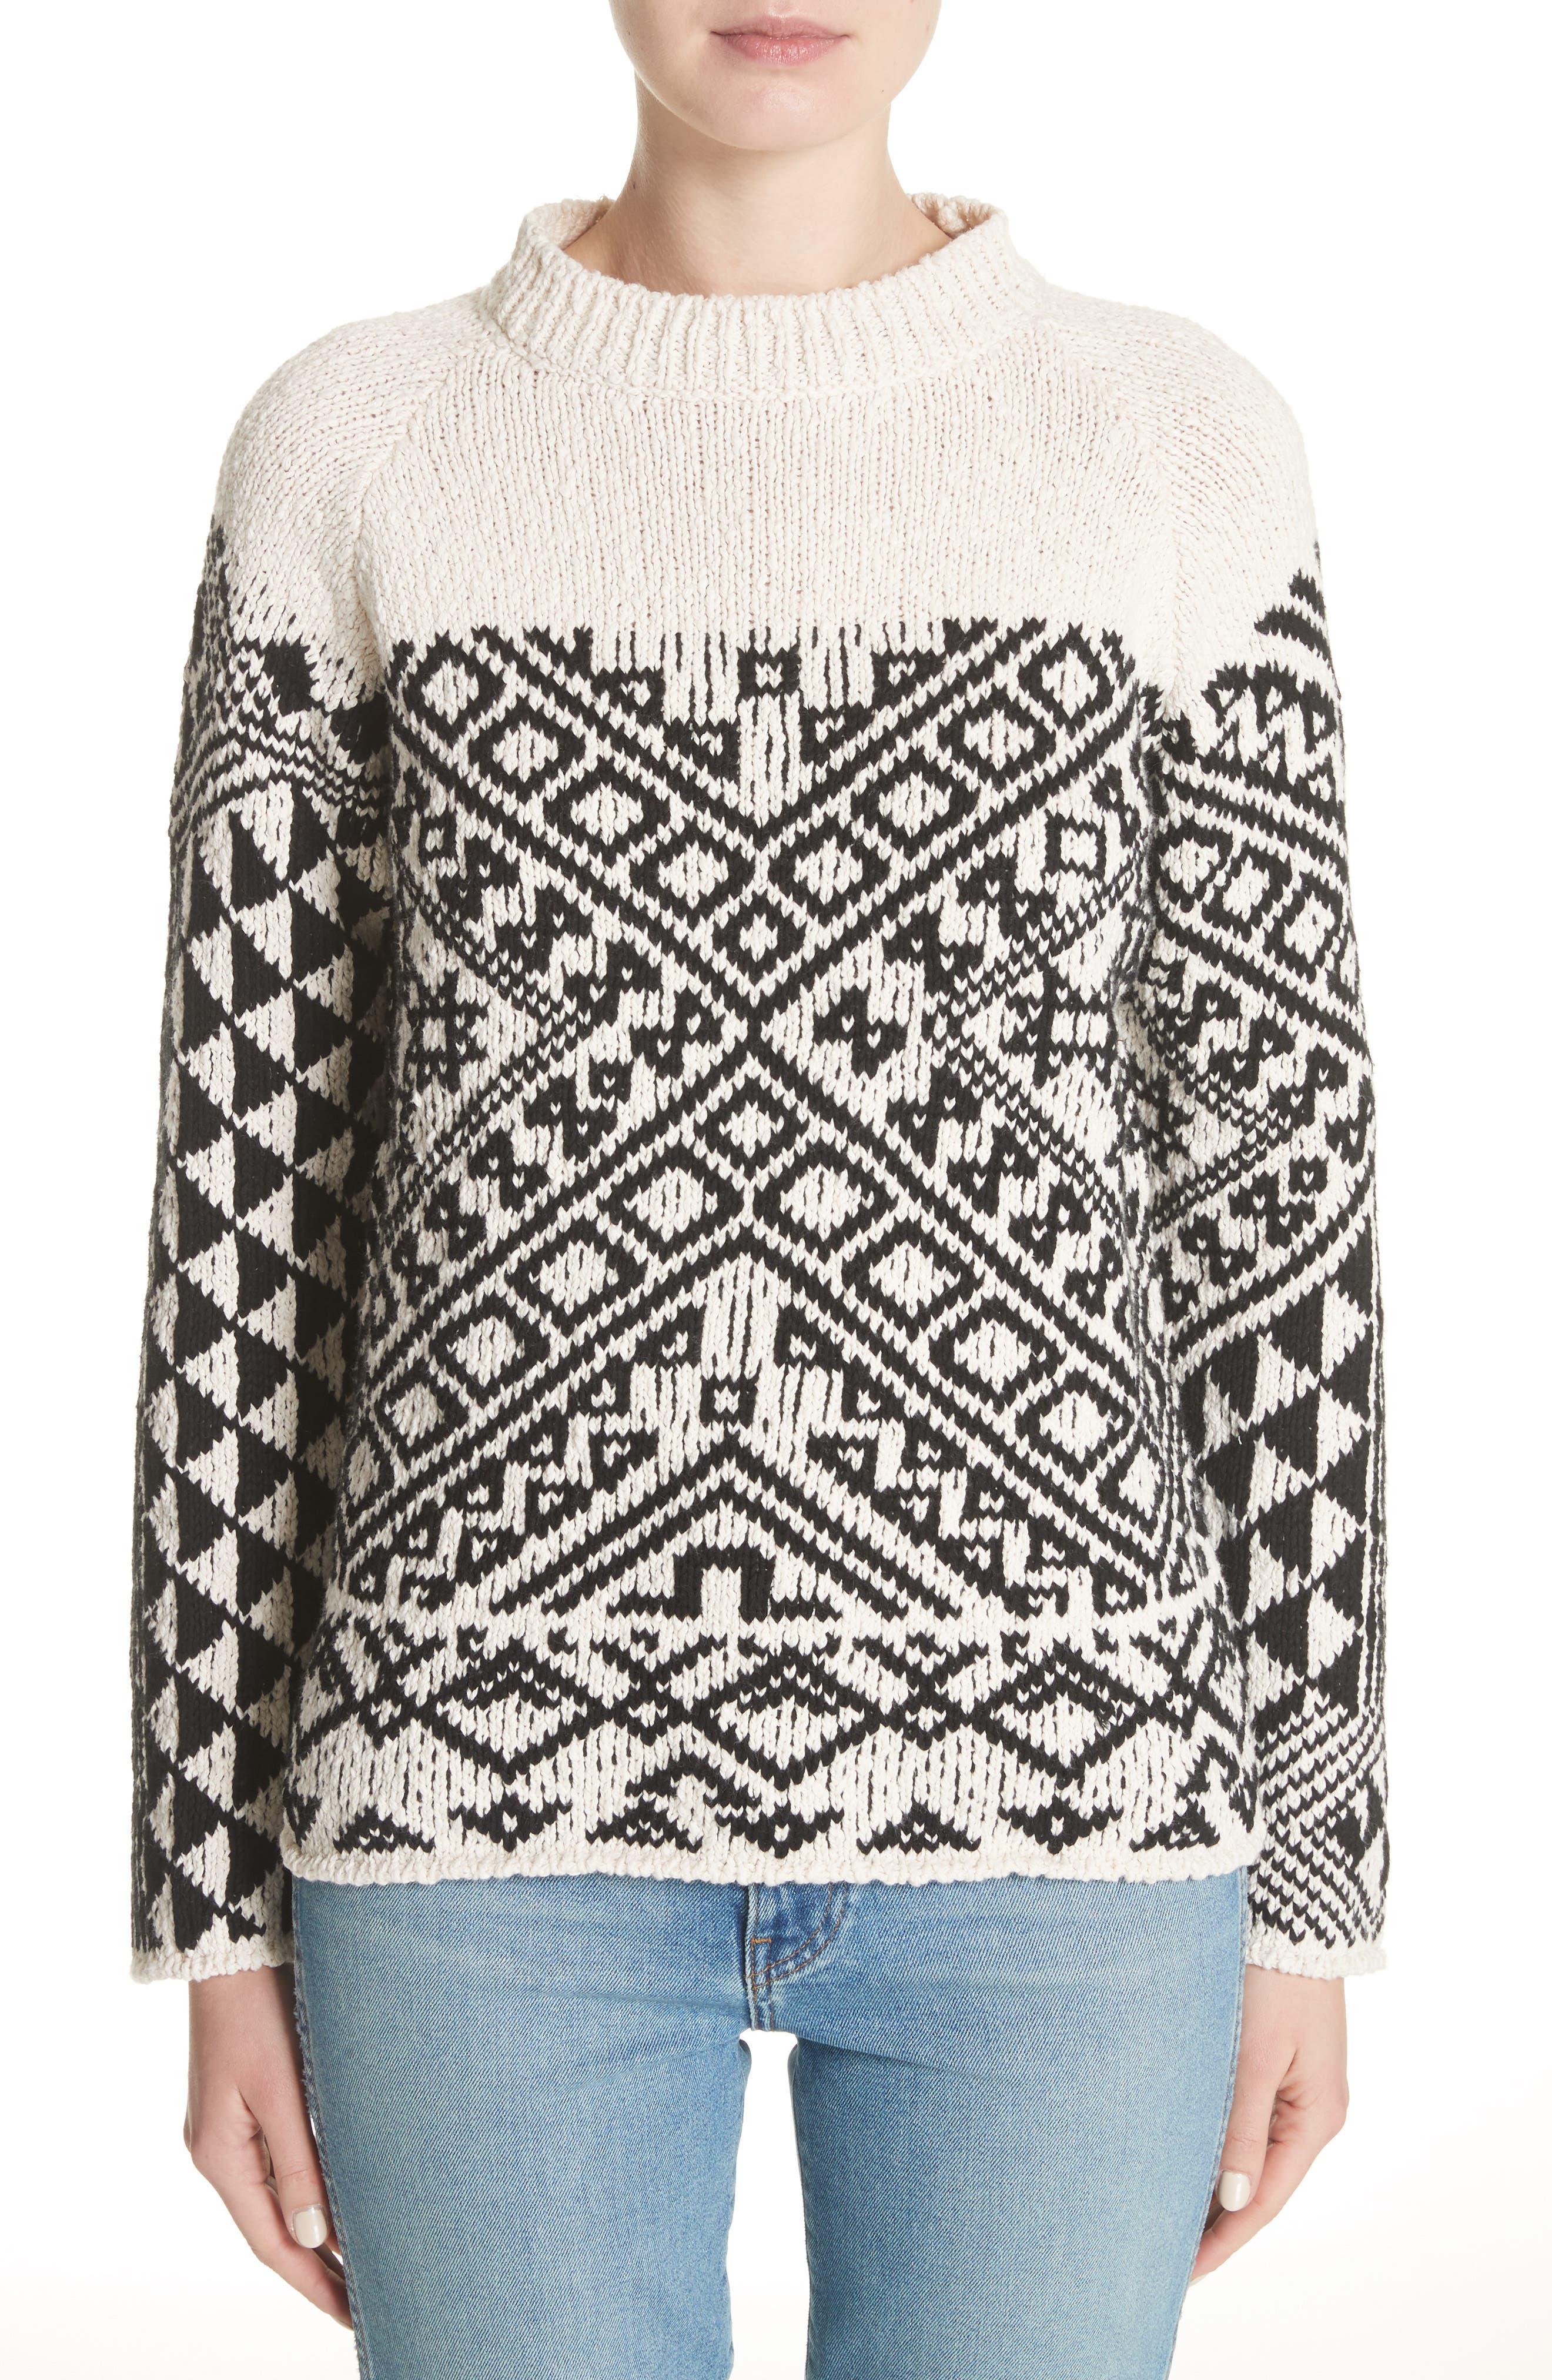 Rhia Jacquard Sweater,                         Main,                         color,